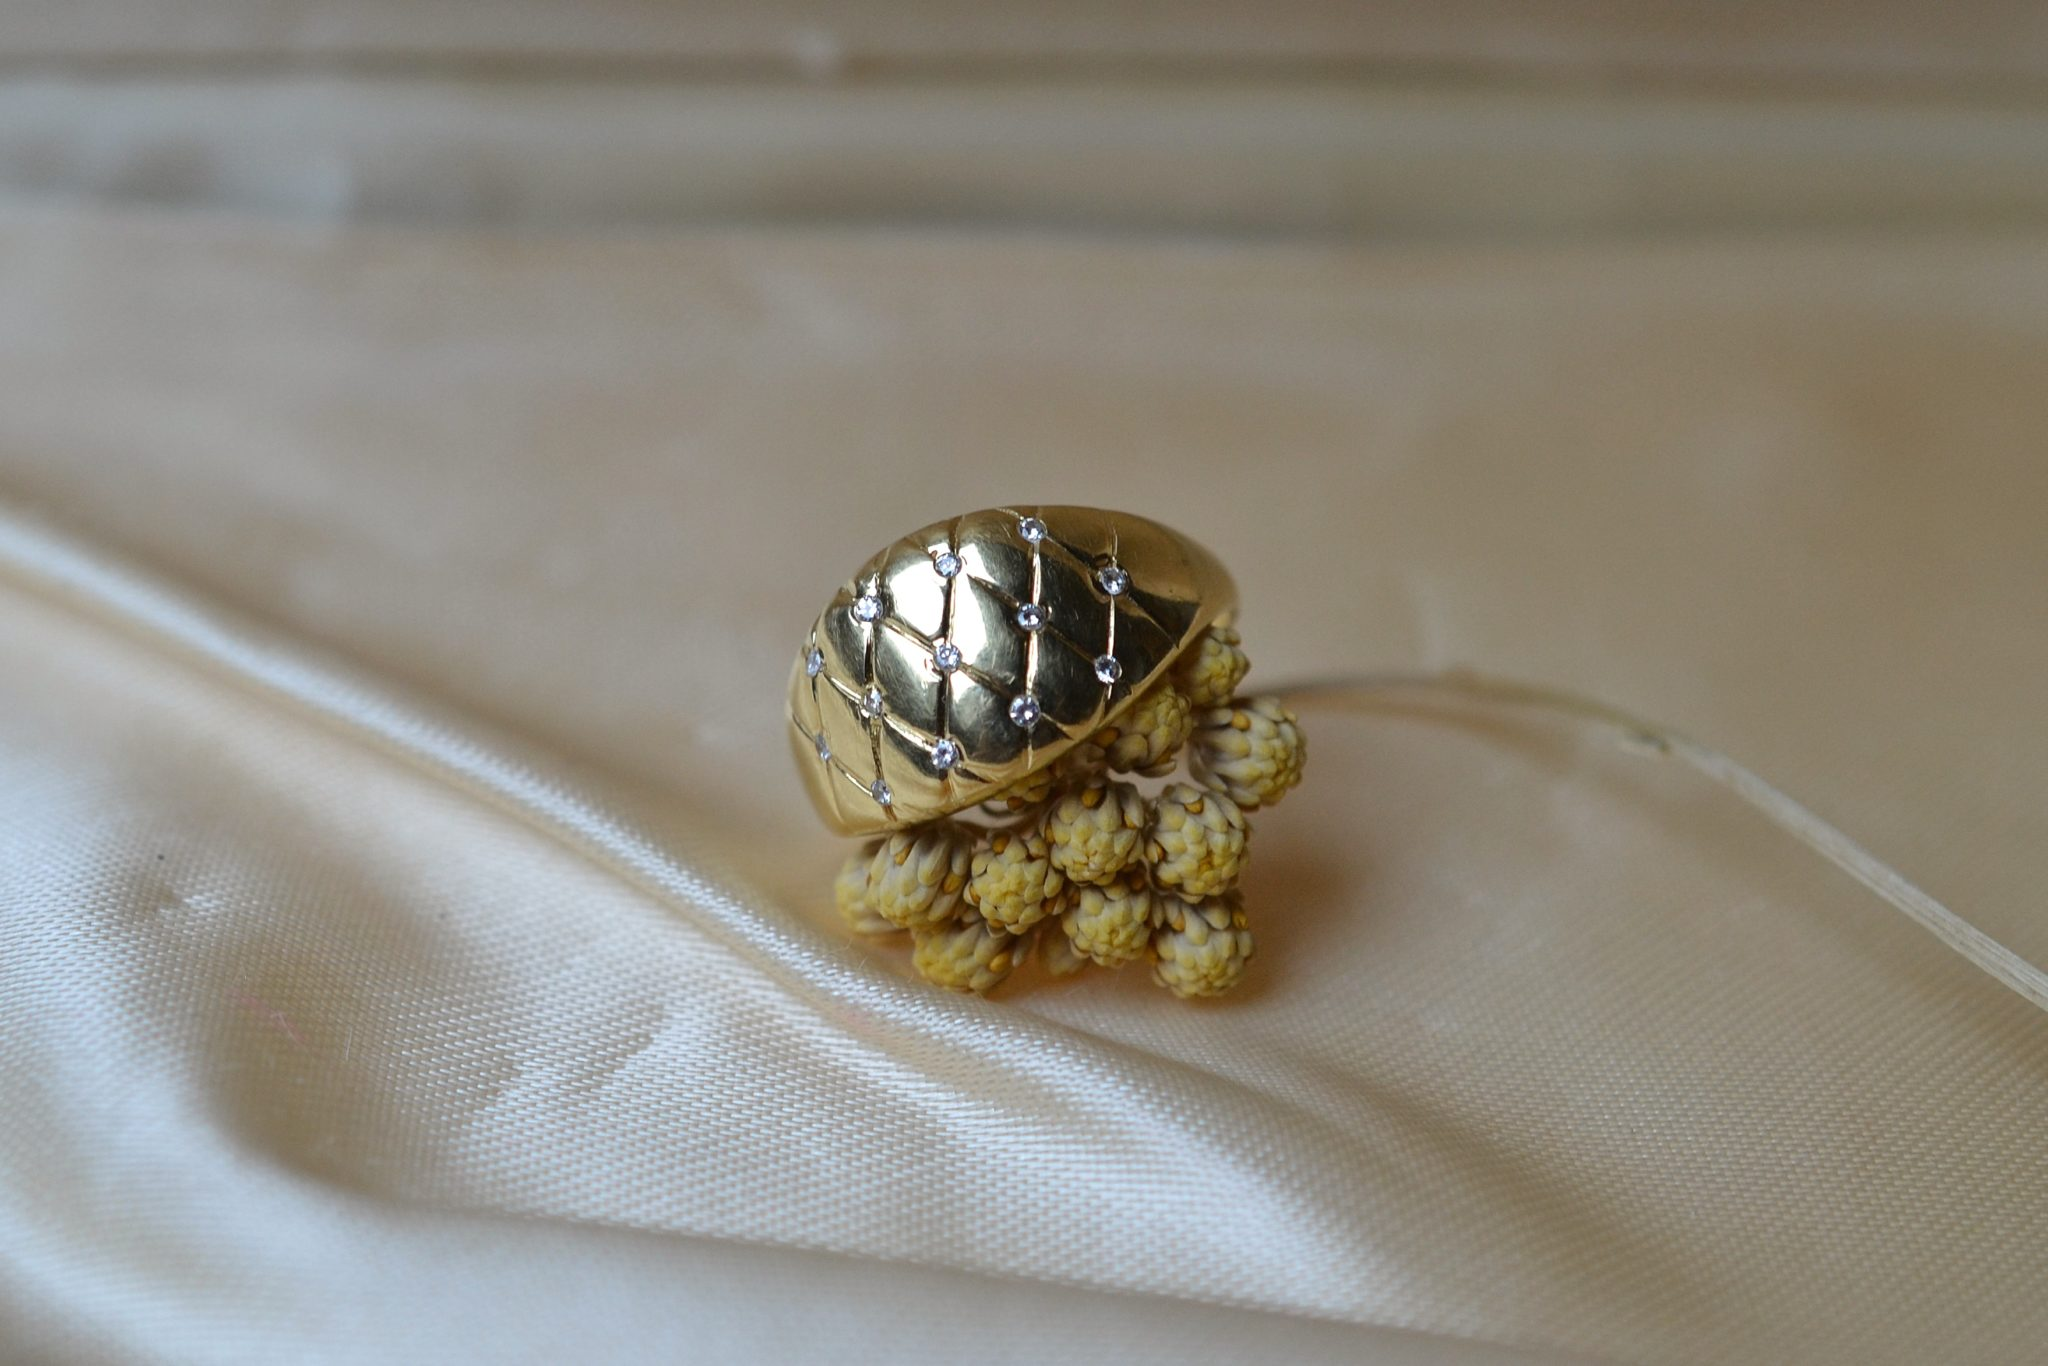 Bague-en-Or-jaune-motif-decor-croise-agremente-de-pierres-blanches-bague-ancienne